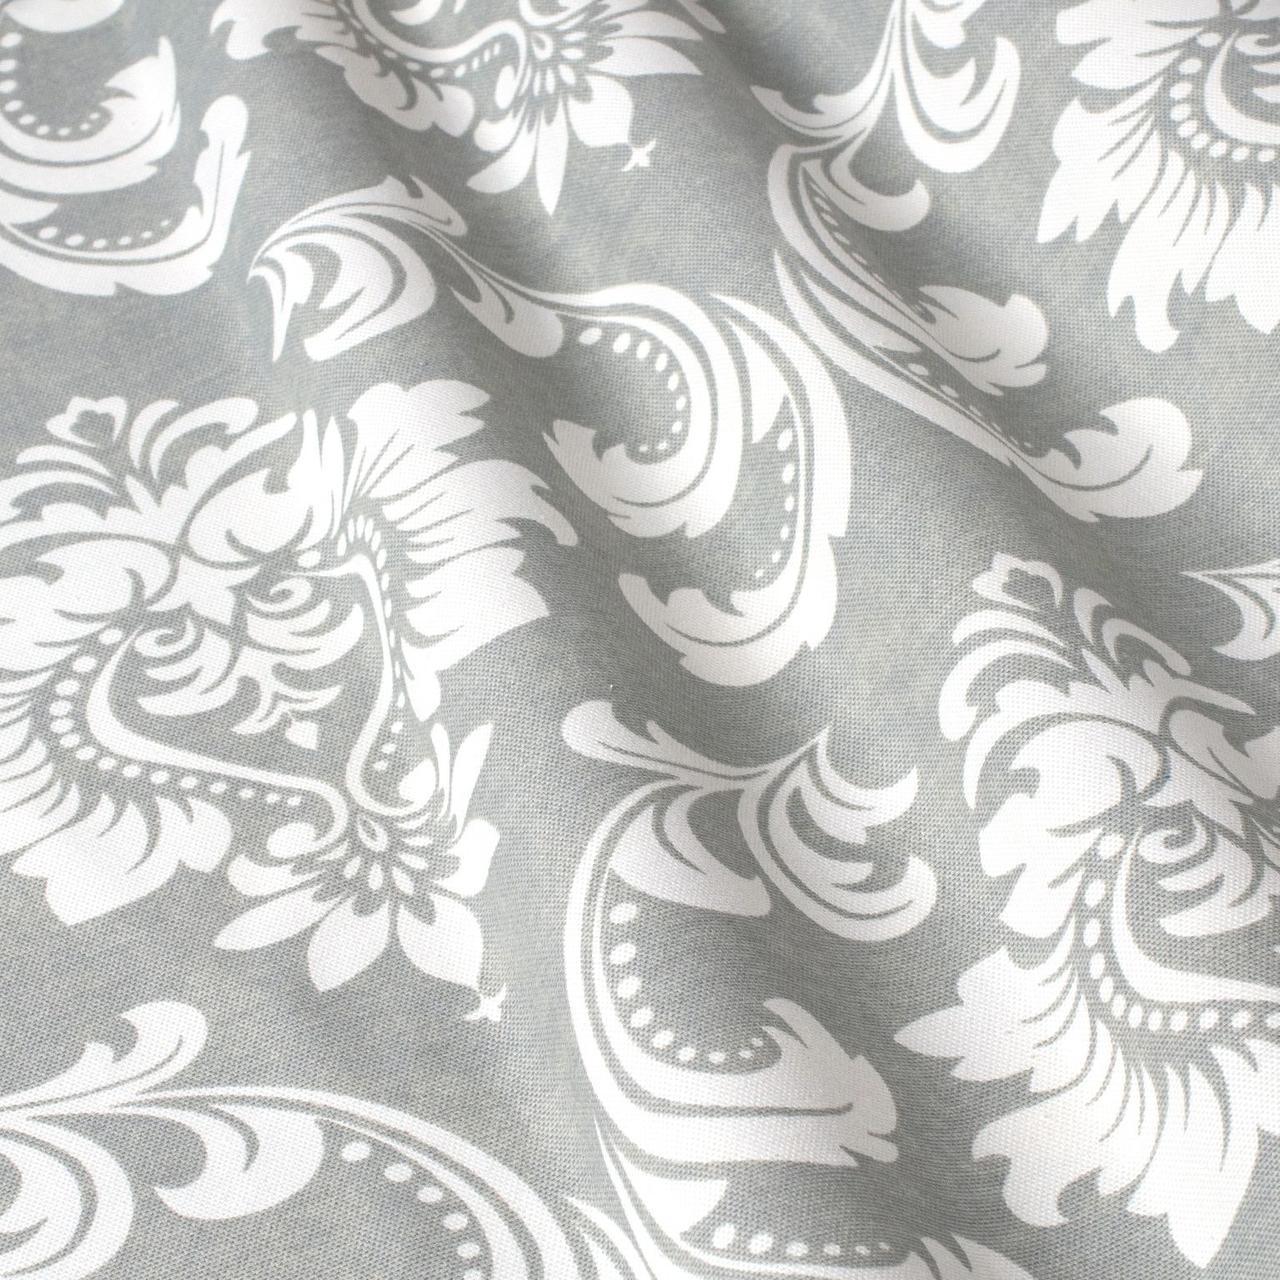 Декоративна тканина вензель сірий з тефлоновим просоченням Туреччина 87840v5